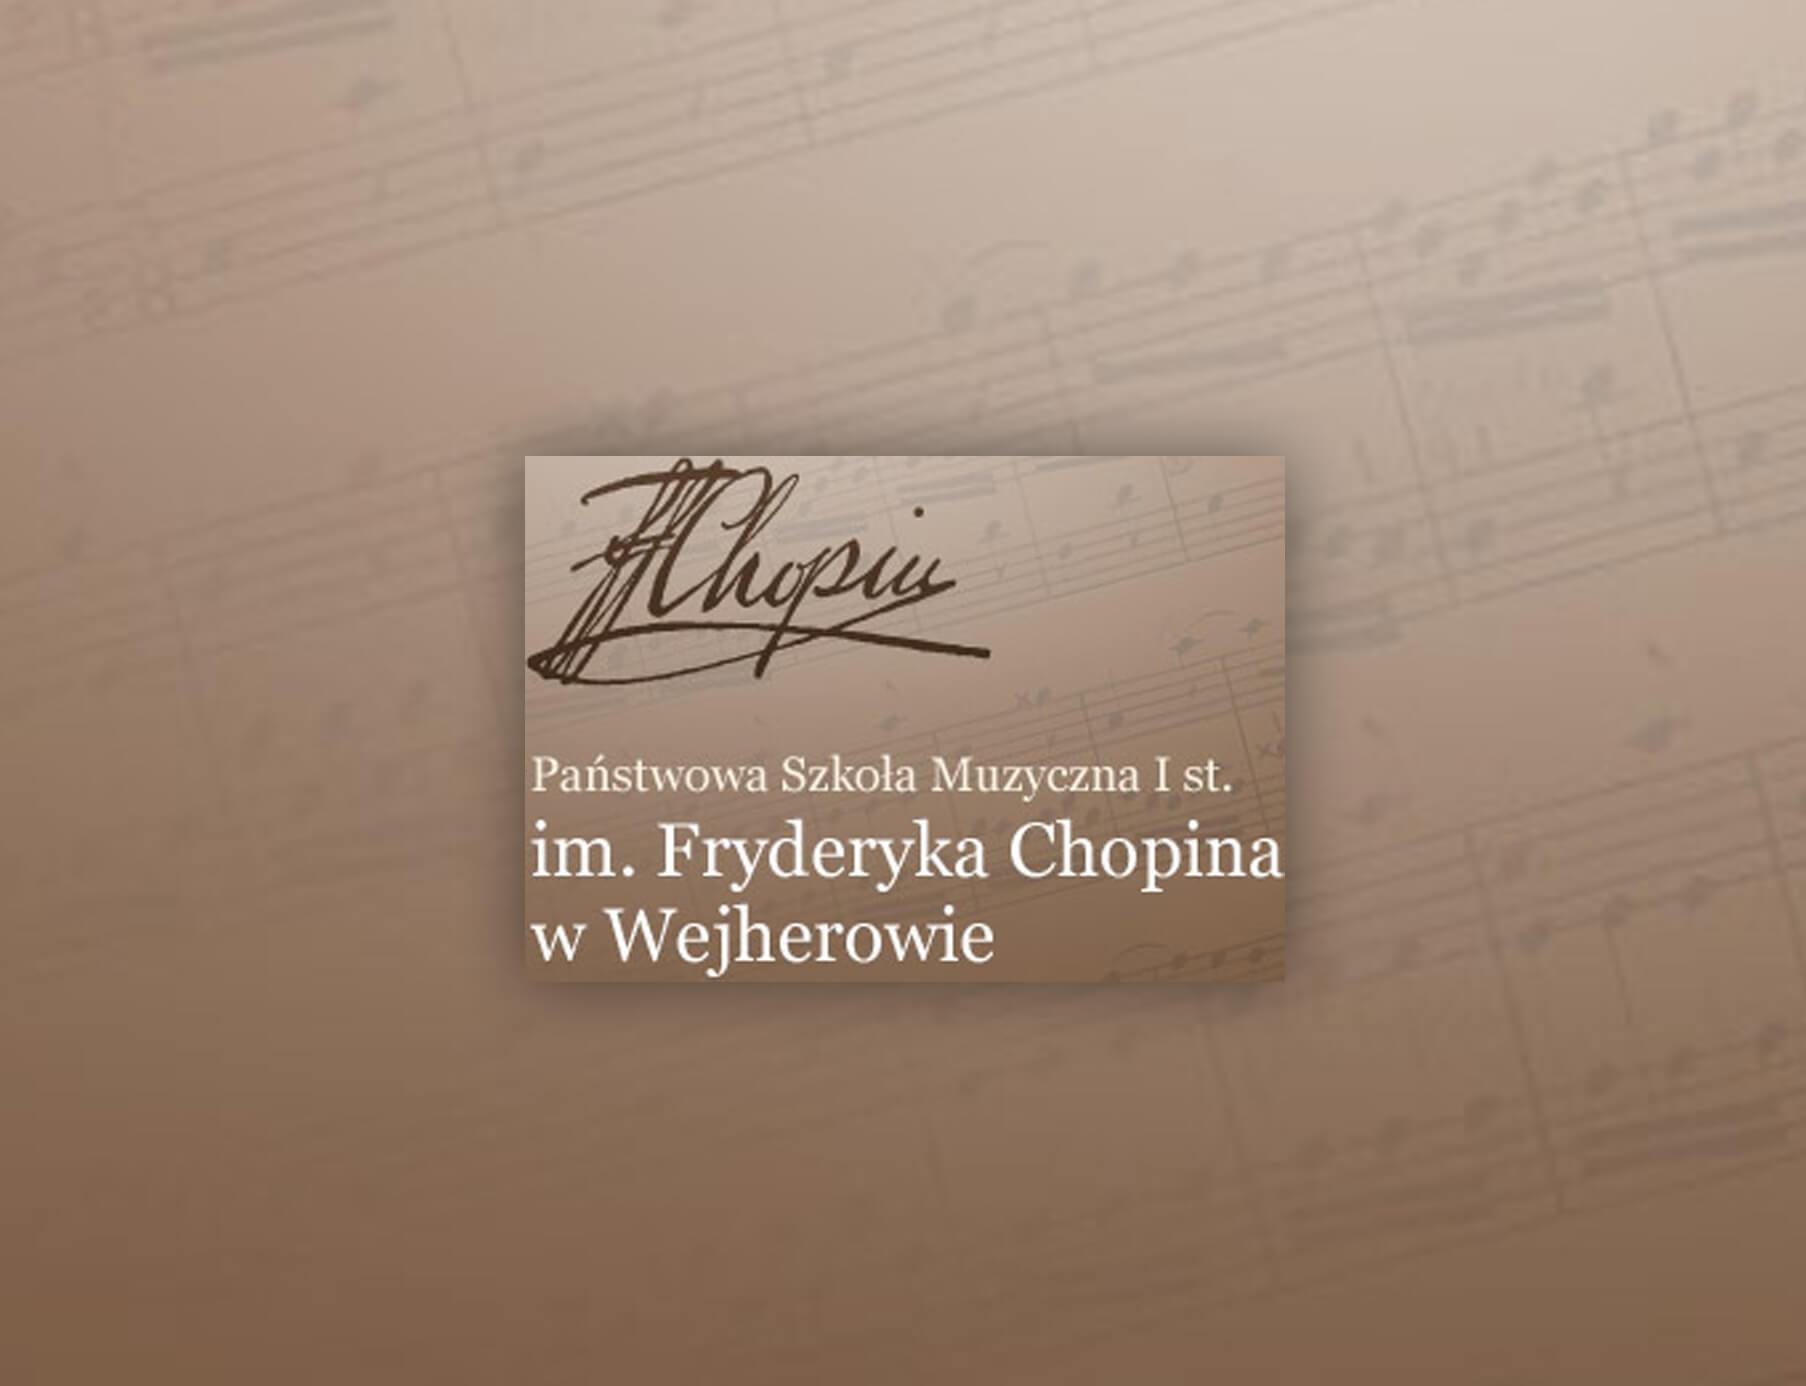 Państwowa Szkoła Muzyczna im. Fryderyka Chopina w Wejherowie